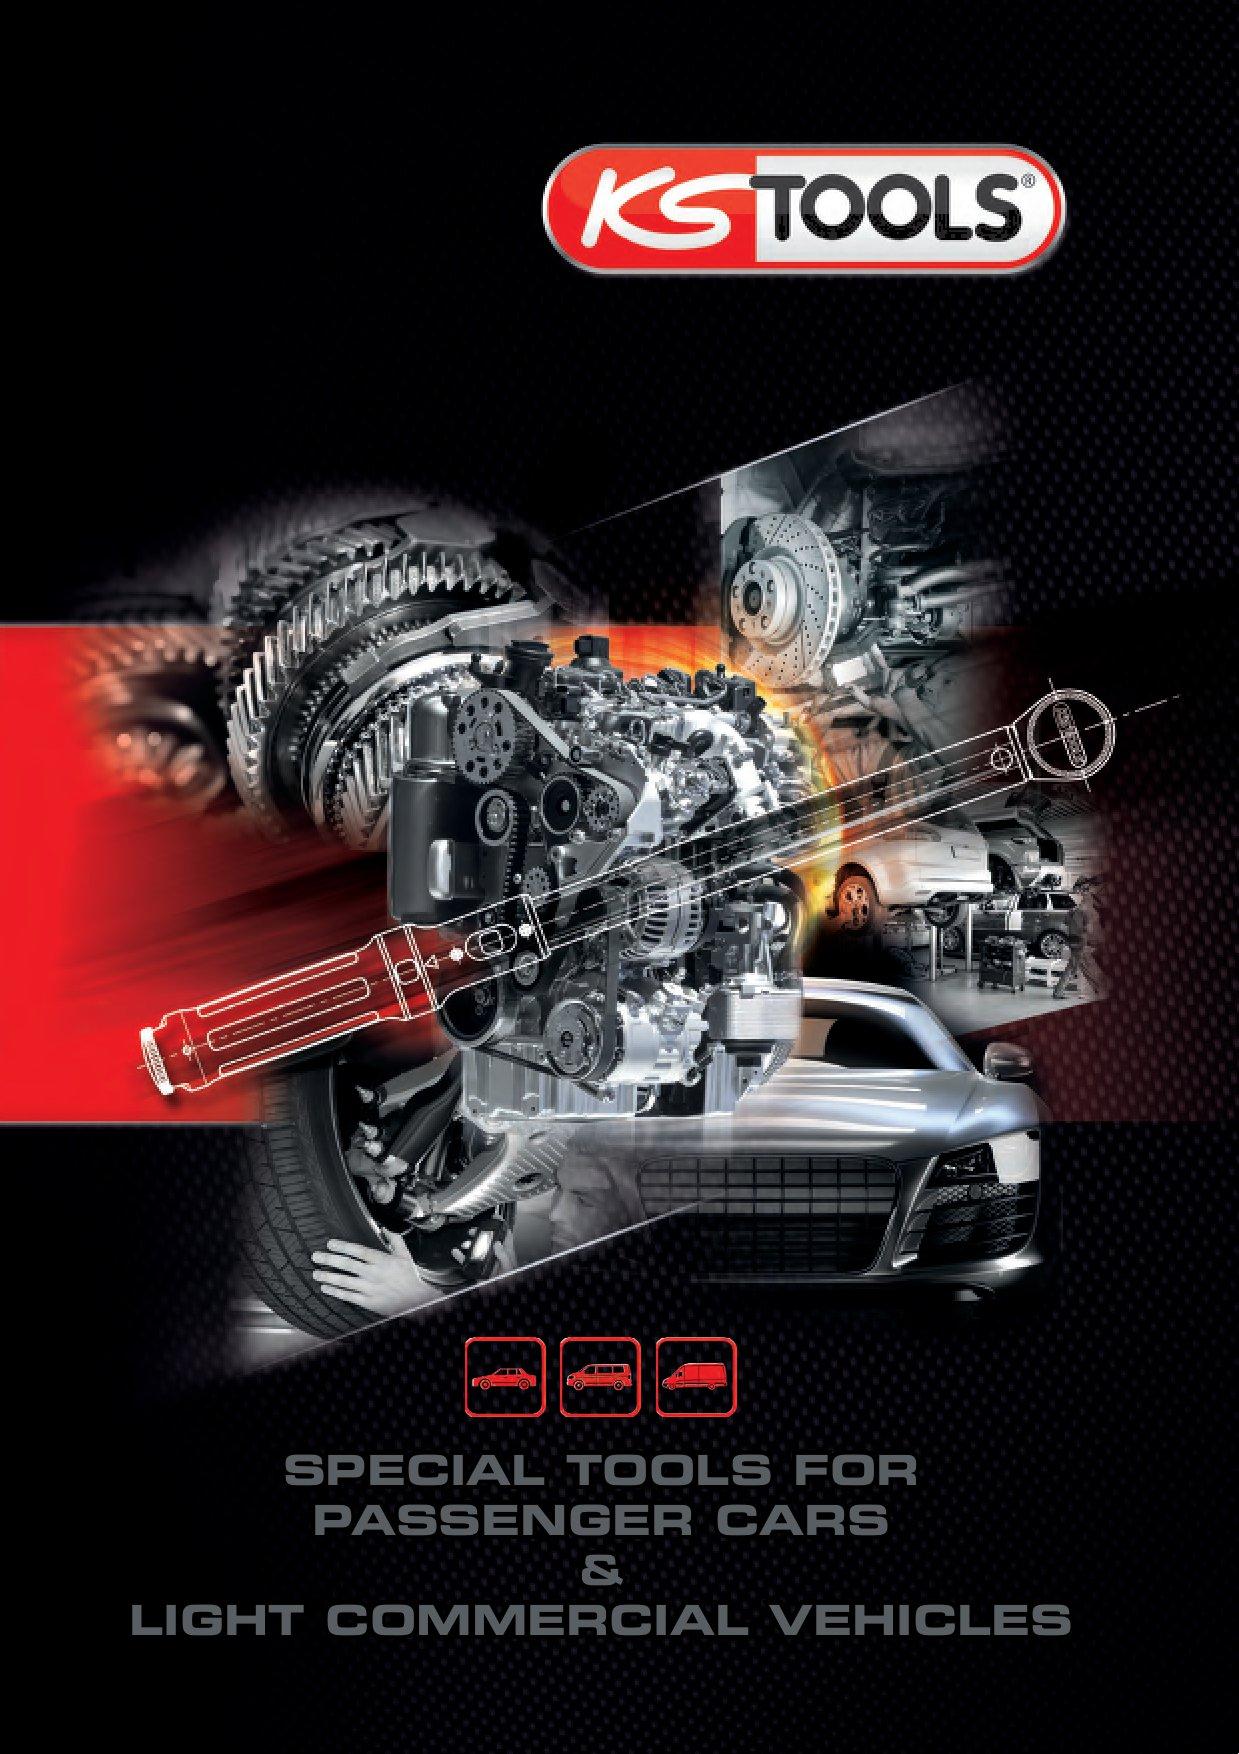 Ks Tools Ferramentas Especiais para Automóveis